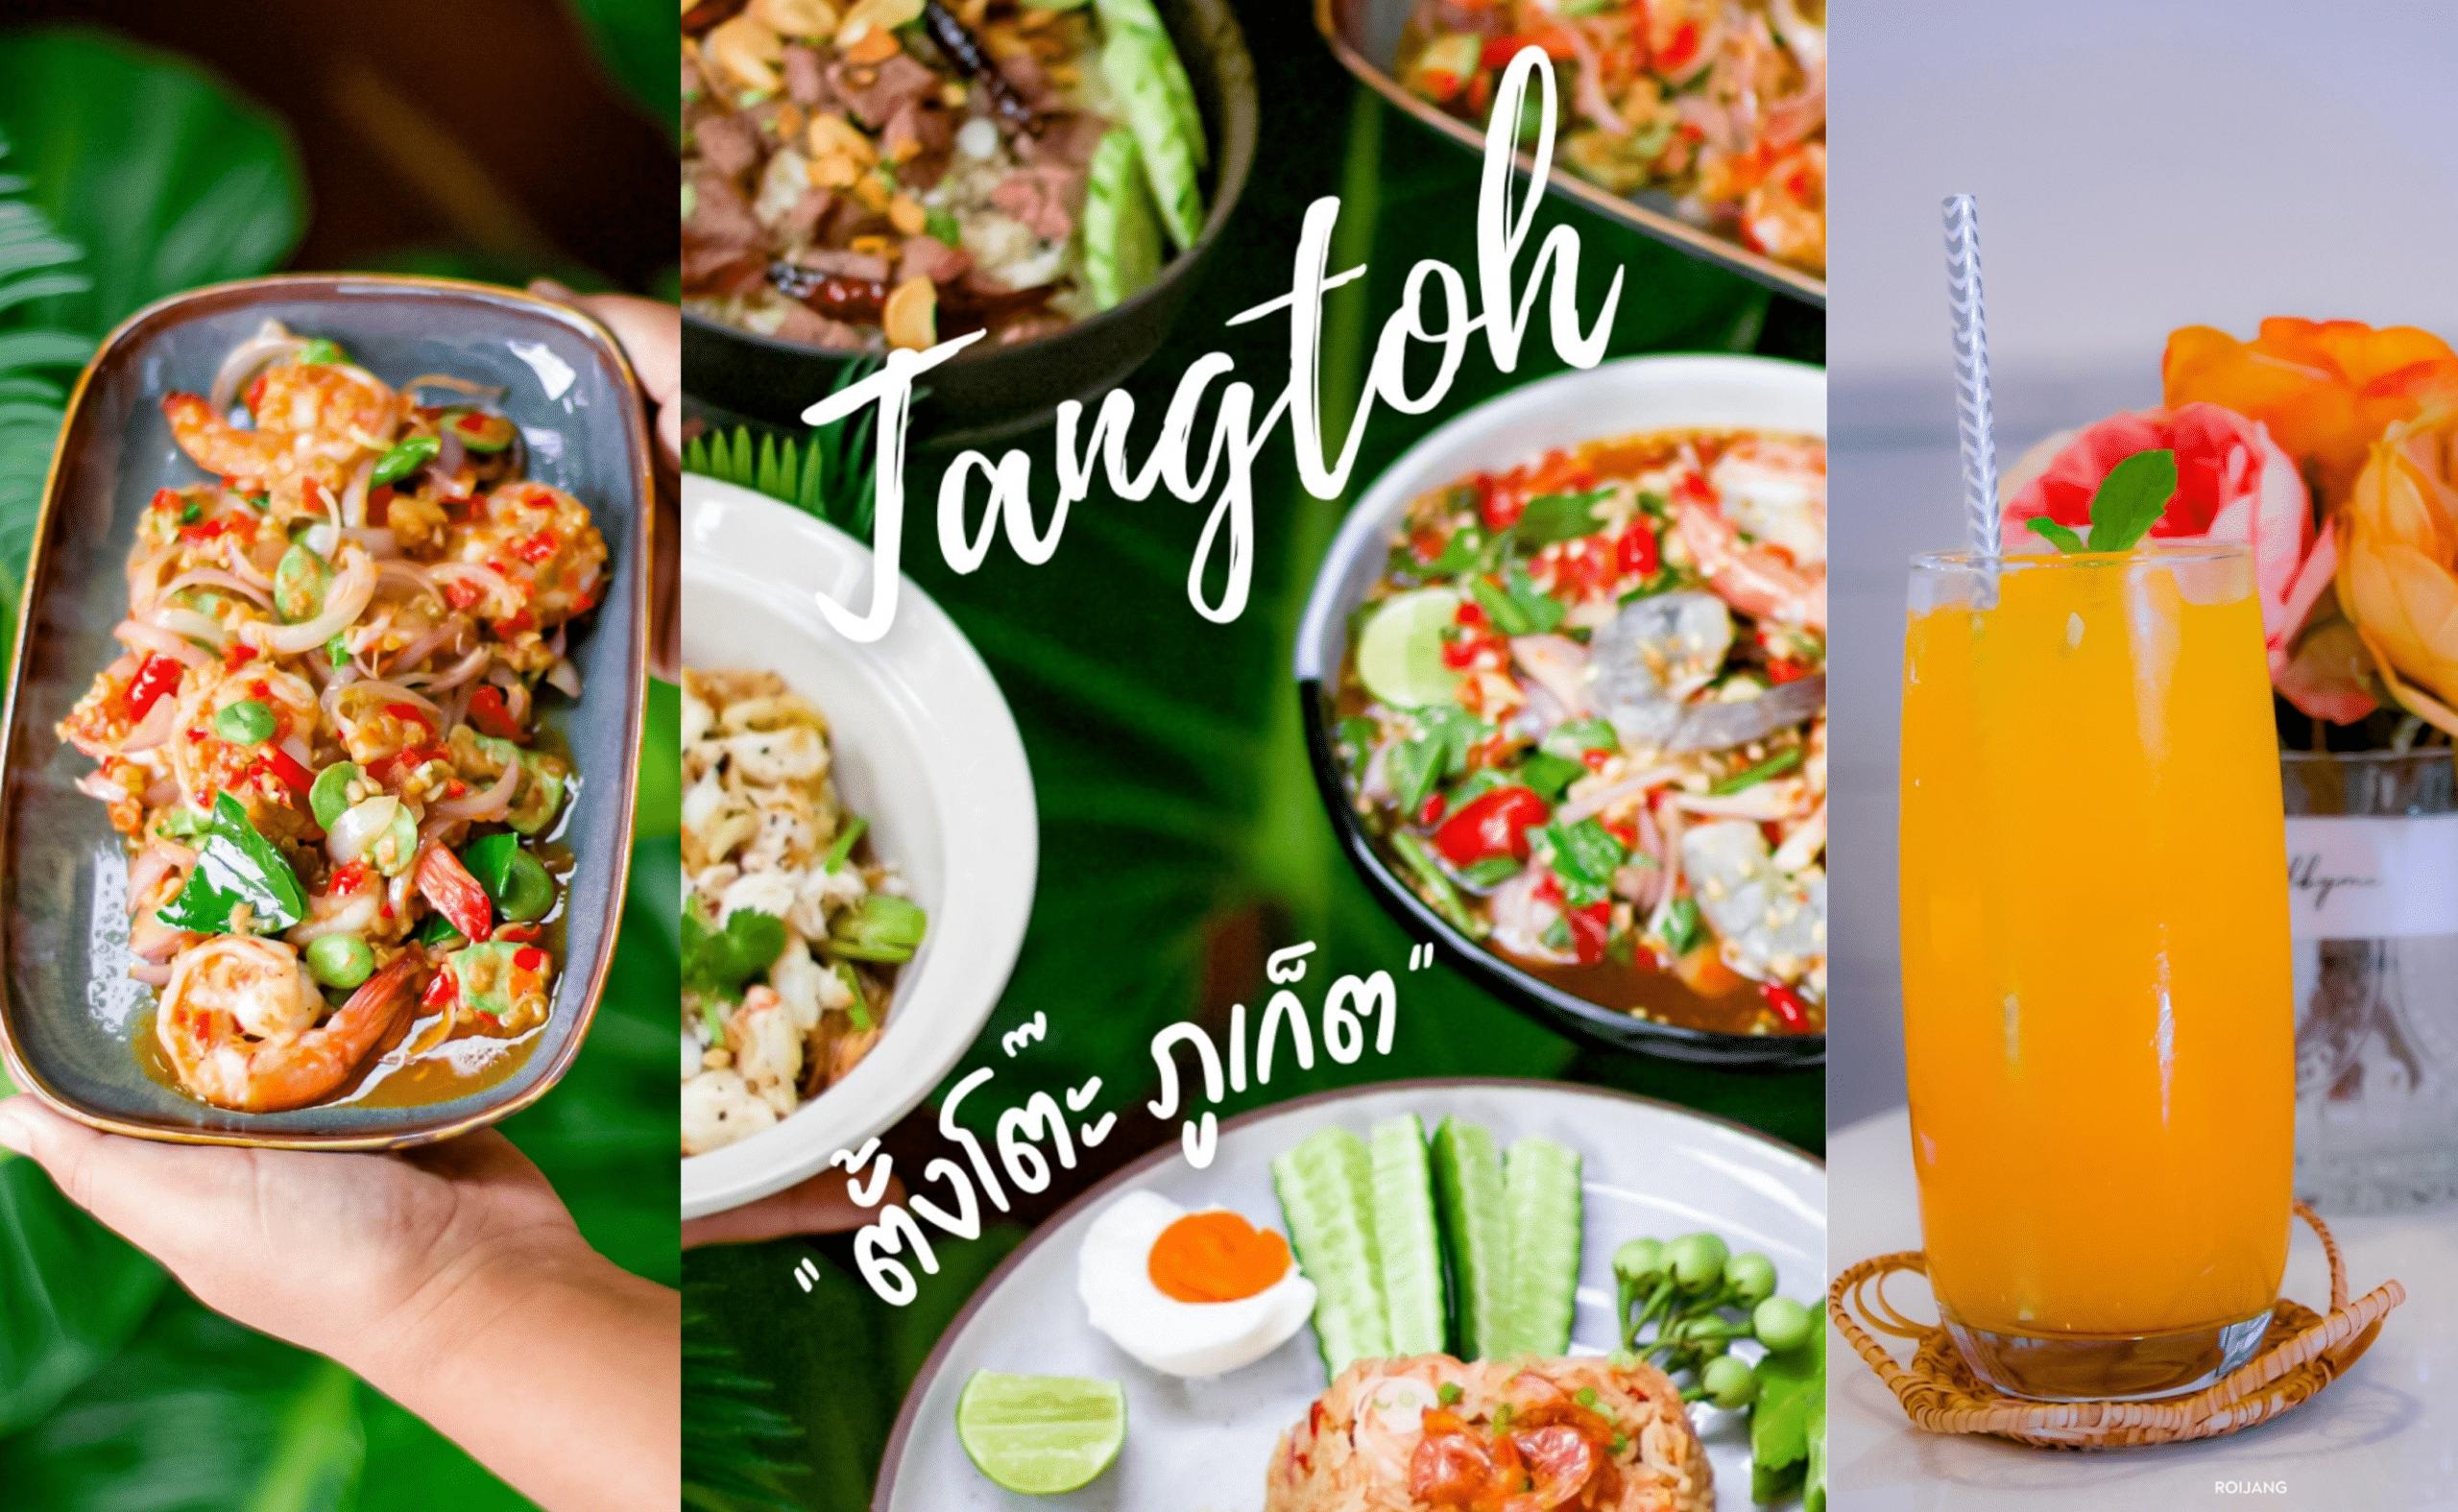 ตั้งโต๊ะ Tangtoh  Restaurant ฉลอง ภูเก็ต